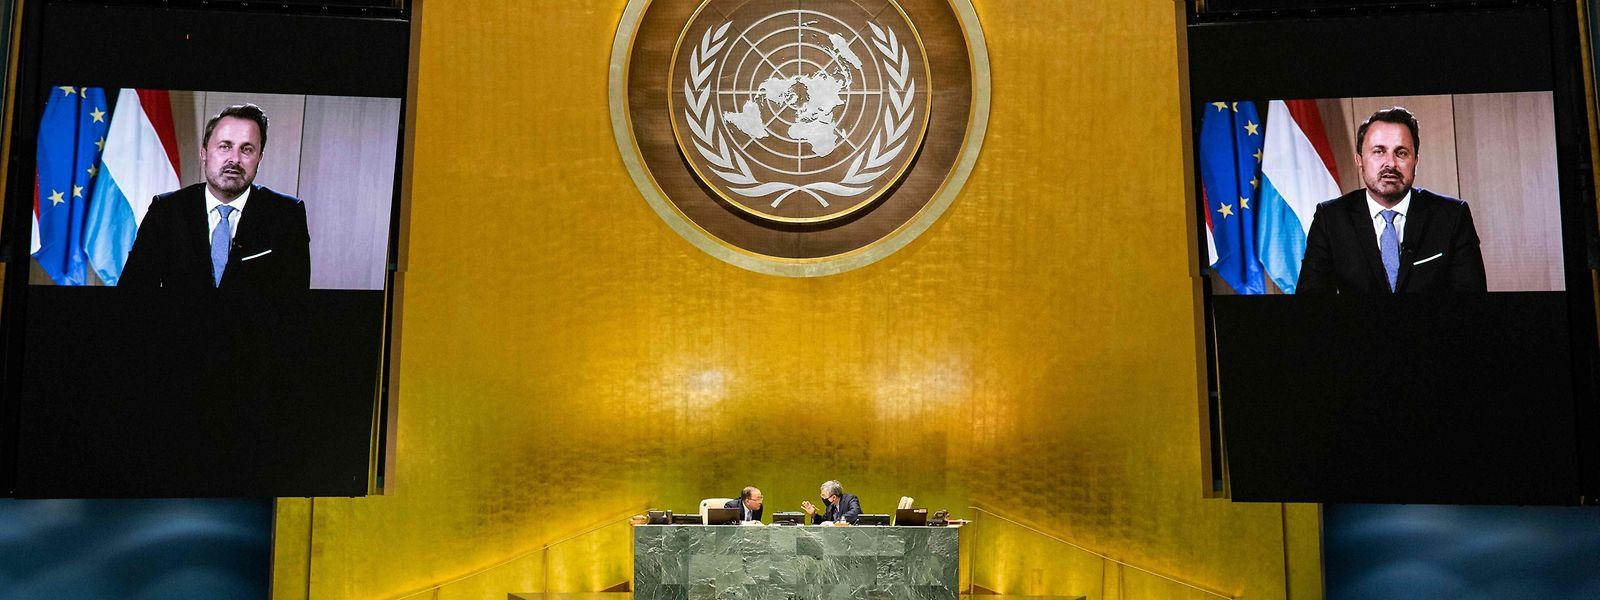 Bettel na mensagem gravada e transmitida na Assembleia-Geral da ONU em 2020. Diferente deste ano, o encontro realizou-se online devido à pandemia.